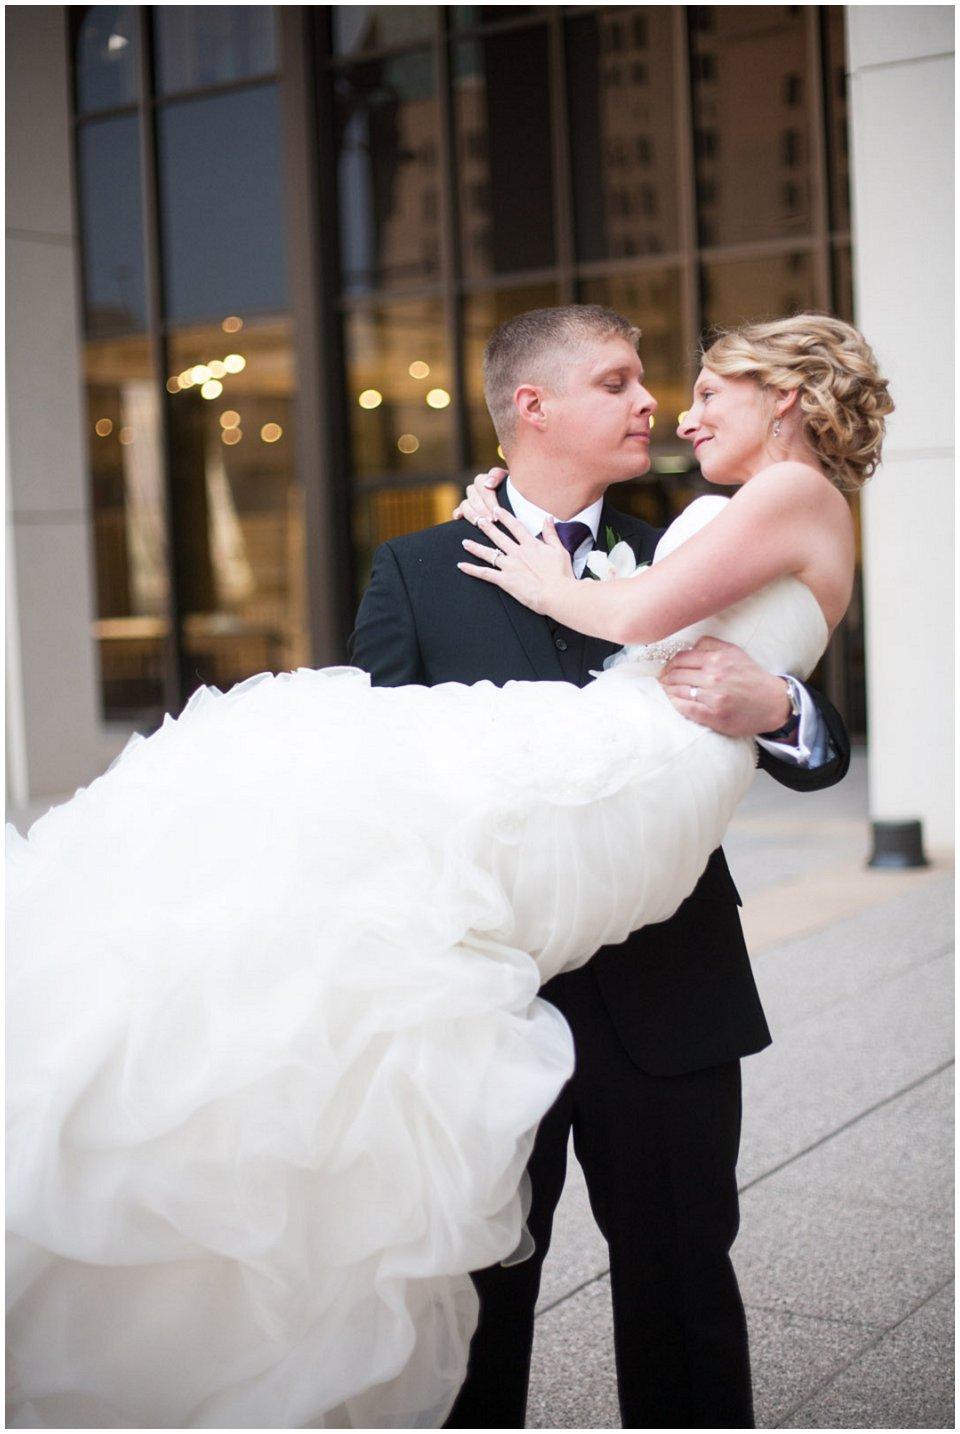 Omaha_Wedding_Doubletree_RobertJeanette31.jpg